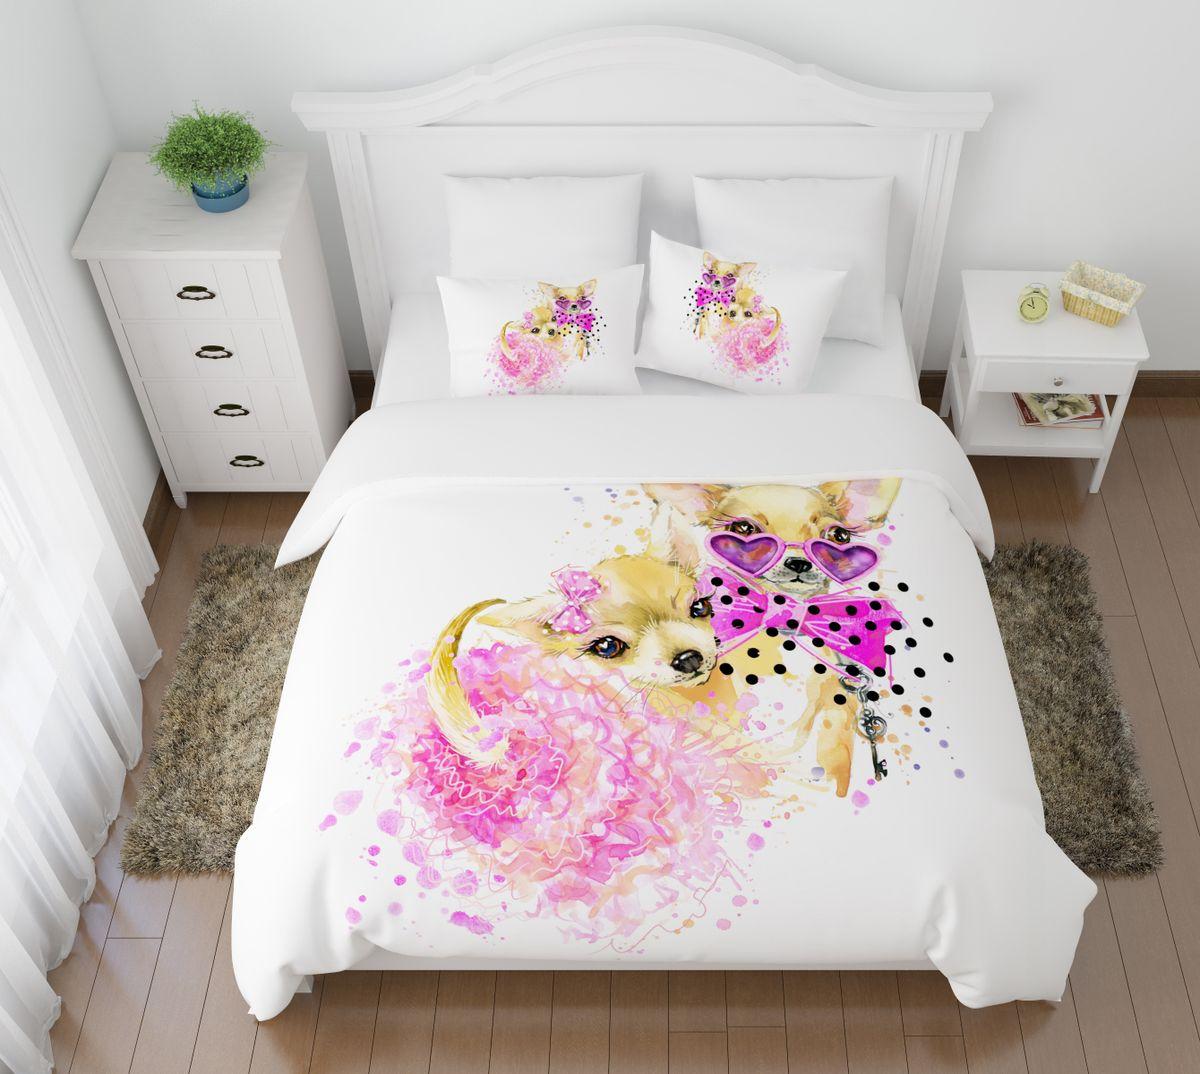 Комплект белья Сирень  Гламур, 2-спальный, наволочки 50х7010503Комплект постельного белья Сирень 2-х спальный выполнен из прочной и мягкой ткани. Четкий и стильный рисунок в сочетании с насыщенными красками делают комплект постельного белья неповторимой изюминкой любого интерьера. Постельное белье идеально подойдет для подарка. Идеальное соотношение смешенной ткани и гипоаллергенных красок это гарантия здорового, спокойного сна. Ткань хорошо впитывает влагу, надолго сохраняет яркость красок. Цвет простыни, пододеяльника, наволочки в комплектации может немного отличаться от представленного на фото.В комплект входят: простыня - 200х220см; пододельяник 175х210 см; наволочка - 50х70х2шт. Постельное белье легко стирать при 30-40 градусах, гладить при 150 градусах, не отбеливать.Рекомендуется перед первым изпользованием постирать.